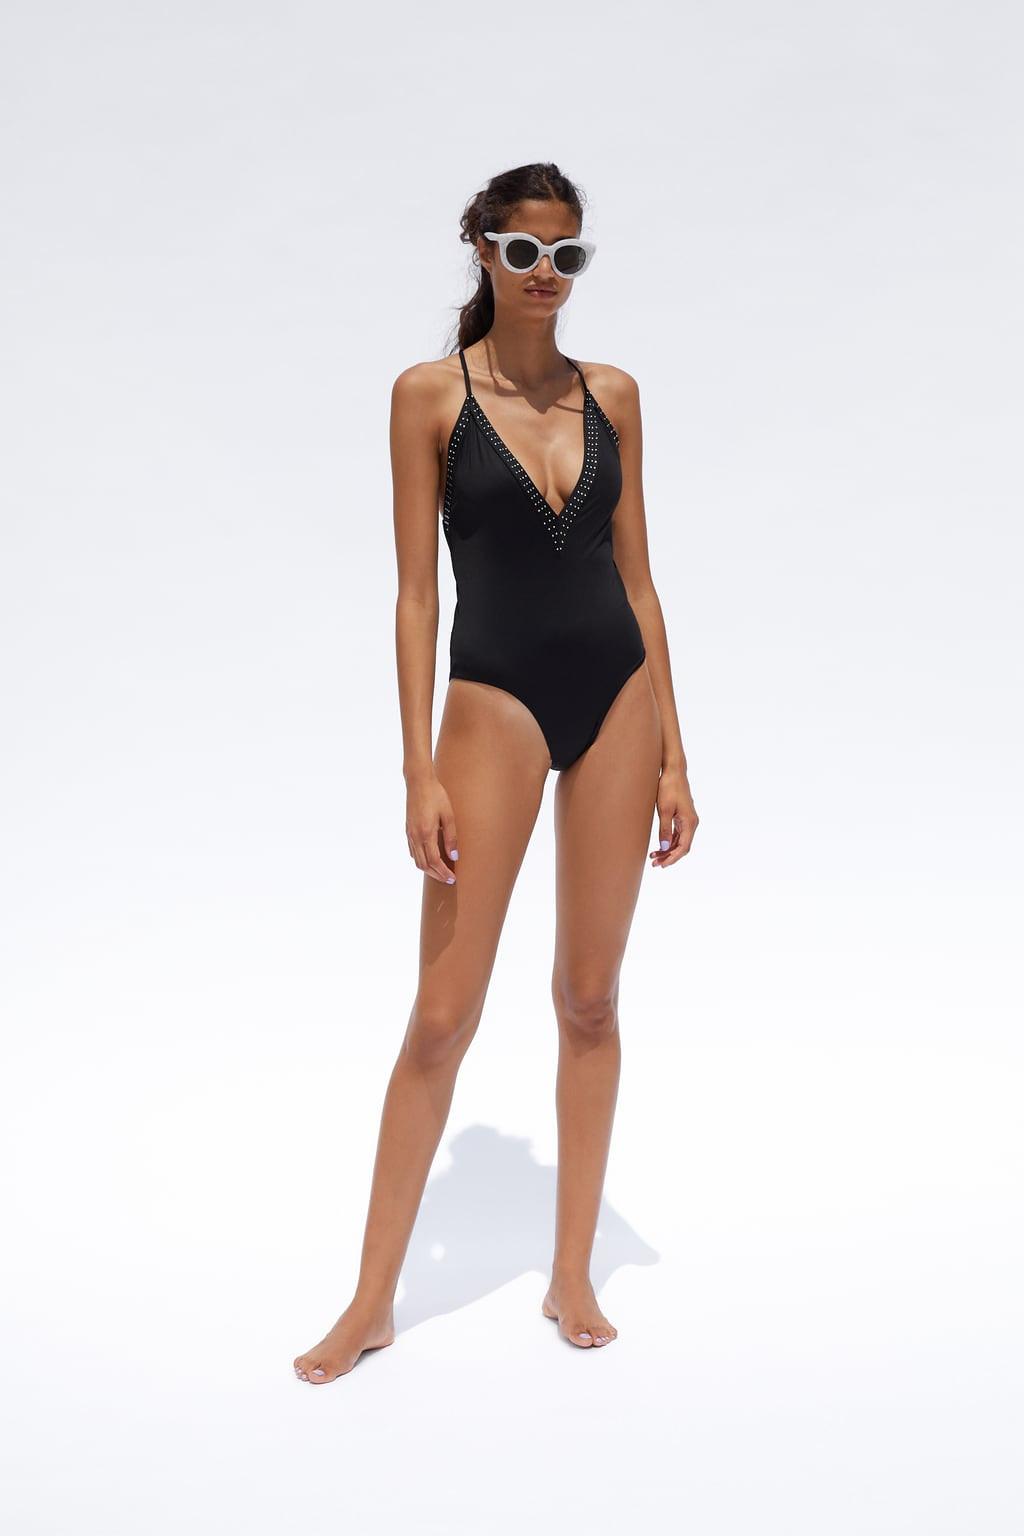 Fato de banho cruzado com brilho, Zara, 19,95 euros.jpg